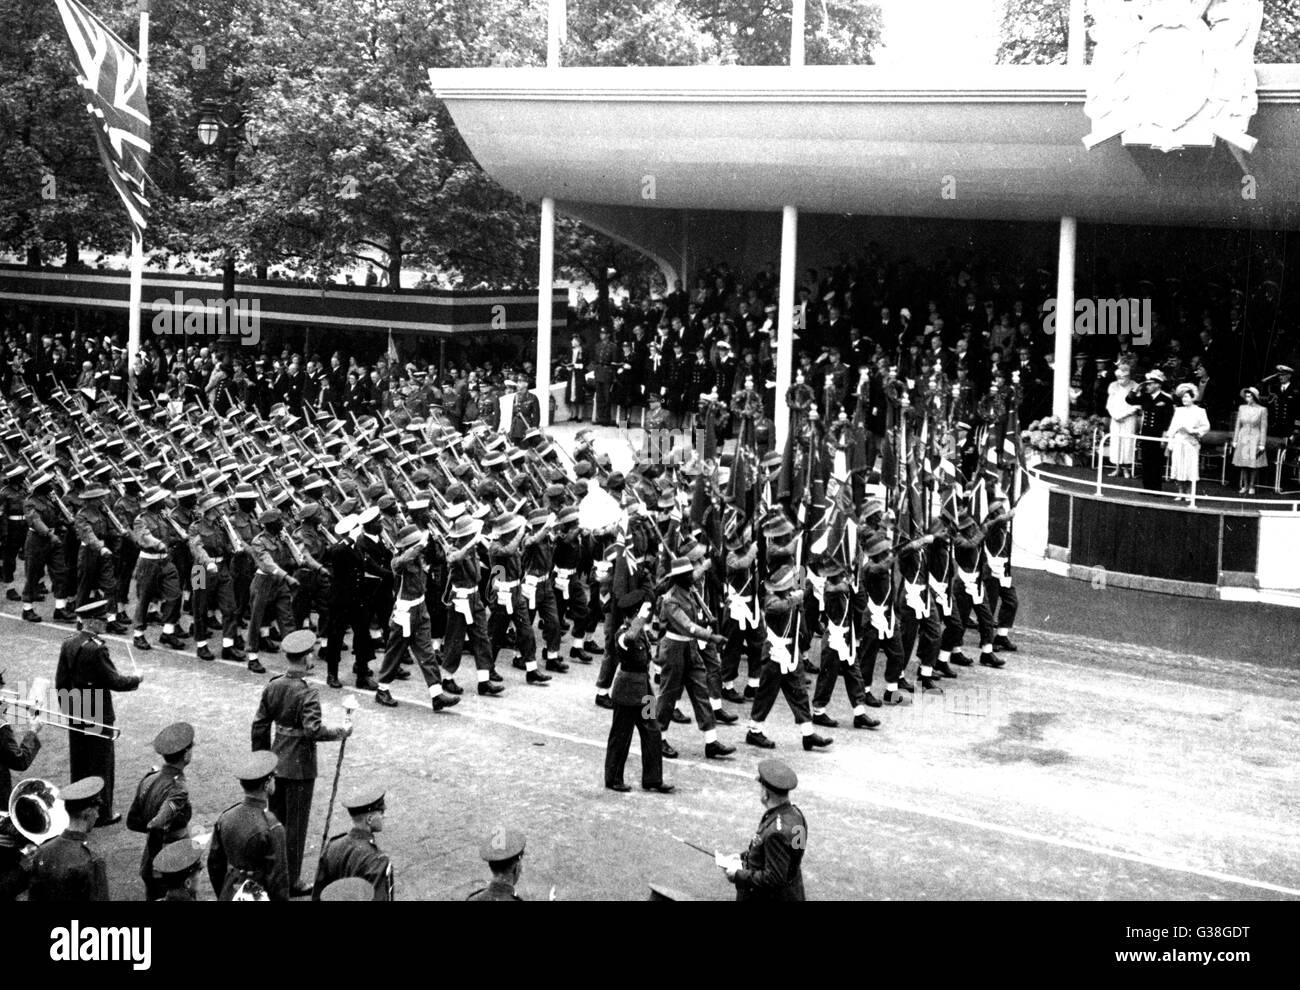 La Victory Parade : una sezione della centrale ed orientale contingente africano passa il salutando la data di base: Immagini Stock